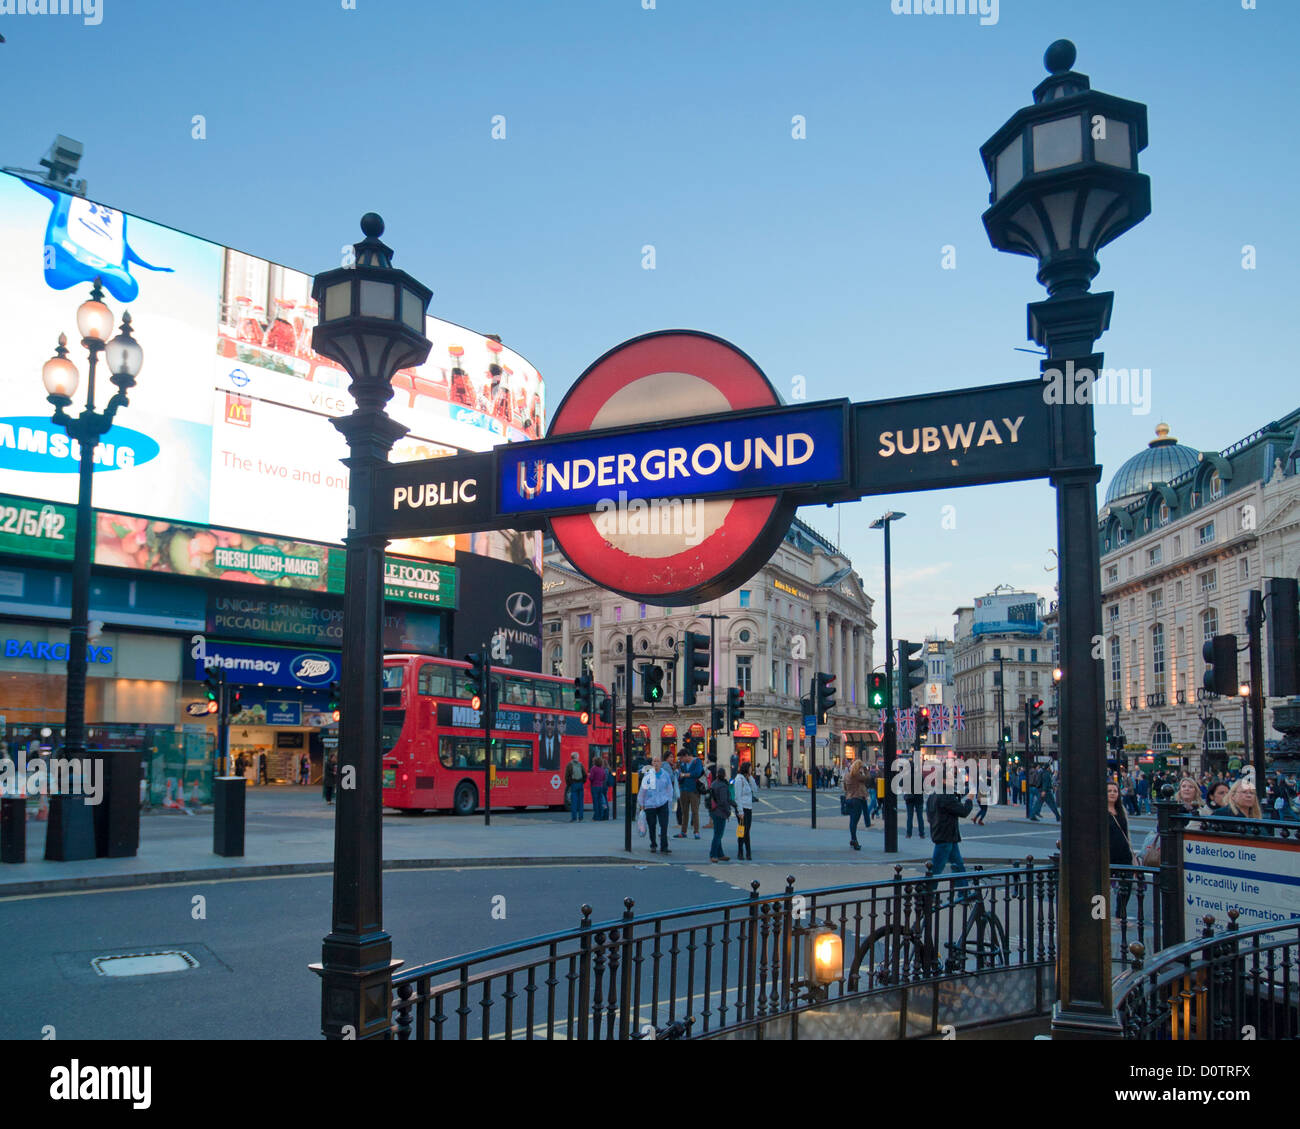 Reino Unido, Gran Bretaña, Europa, viaje, vacaciones, Inglaterra, Londres, Ciudad de Piccadilly Circus, lugar, Imagen De Stock